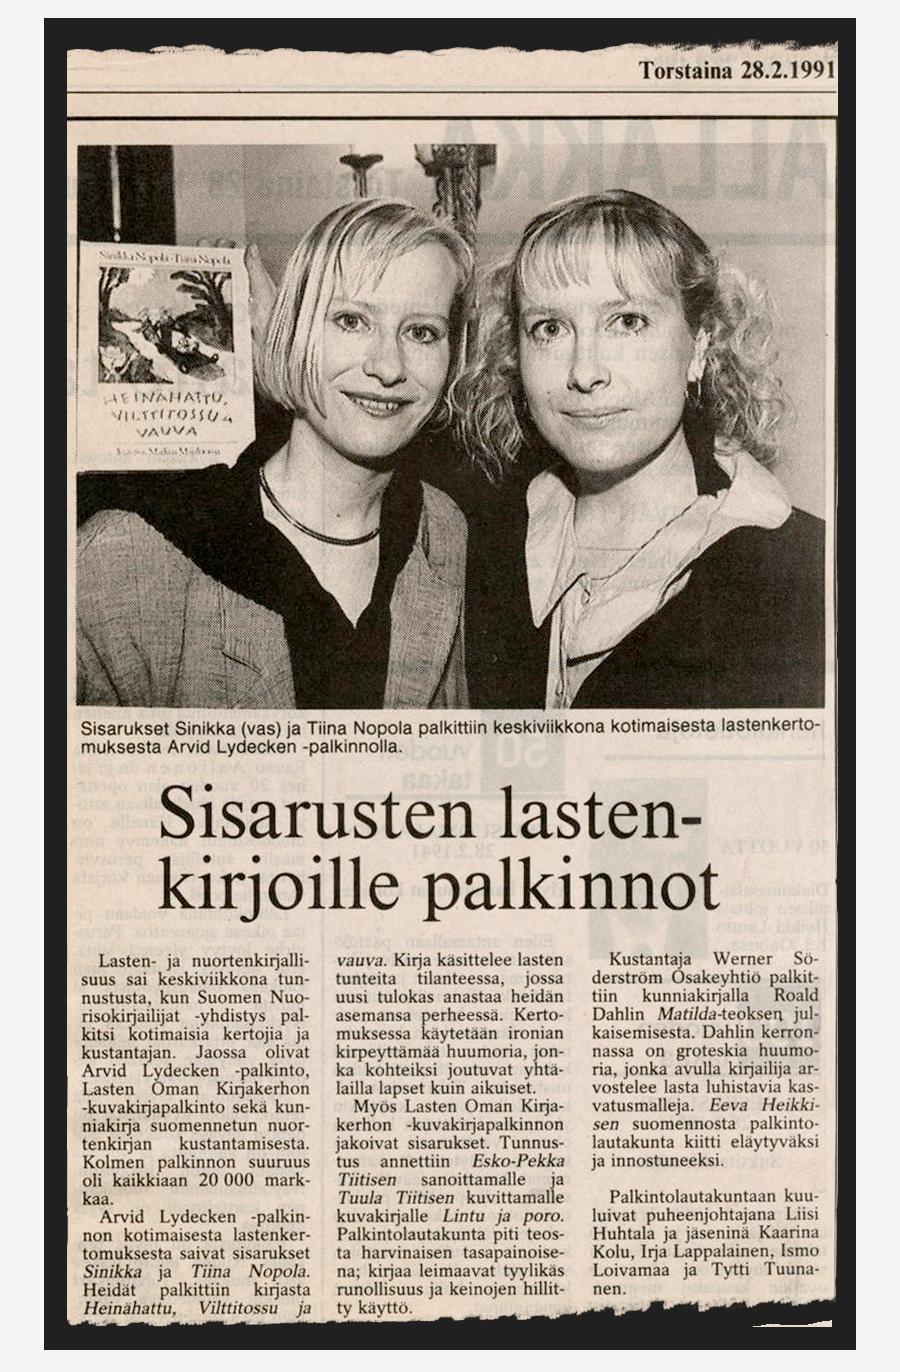 Arvid Lydecken -palkinto 1991 Sinikka Nopolalle ja Tiina Nopolalle teoksesta Heinähattu, Vilttitossu ja vauva